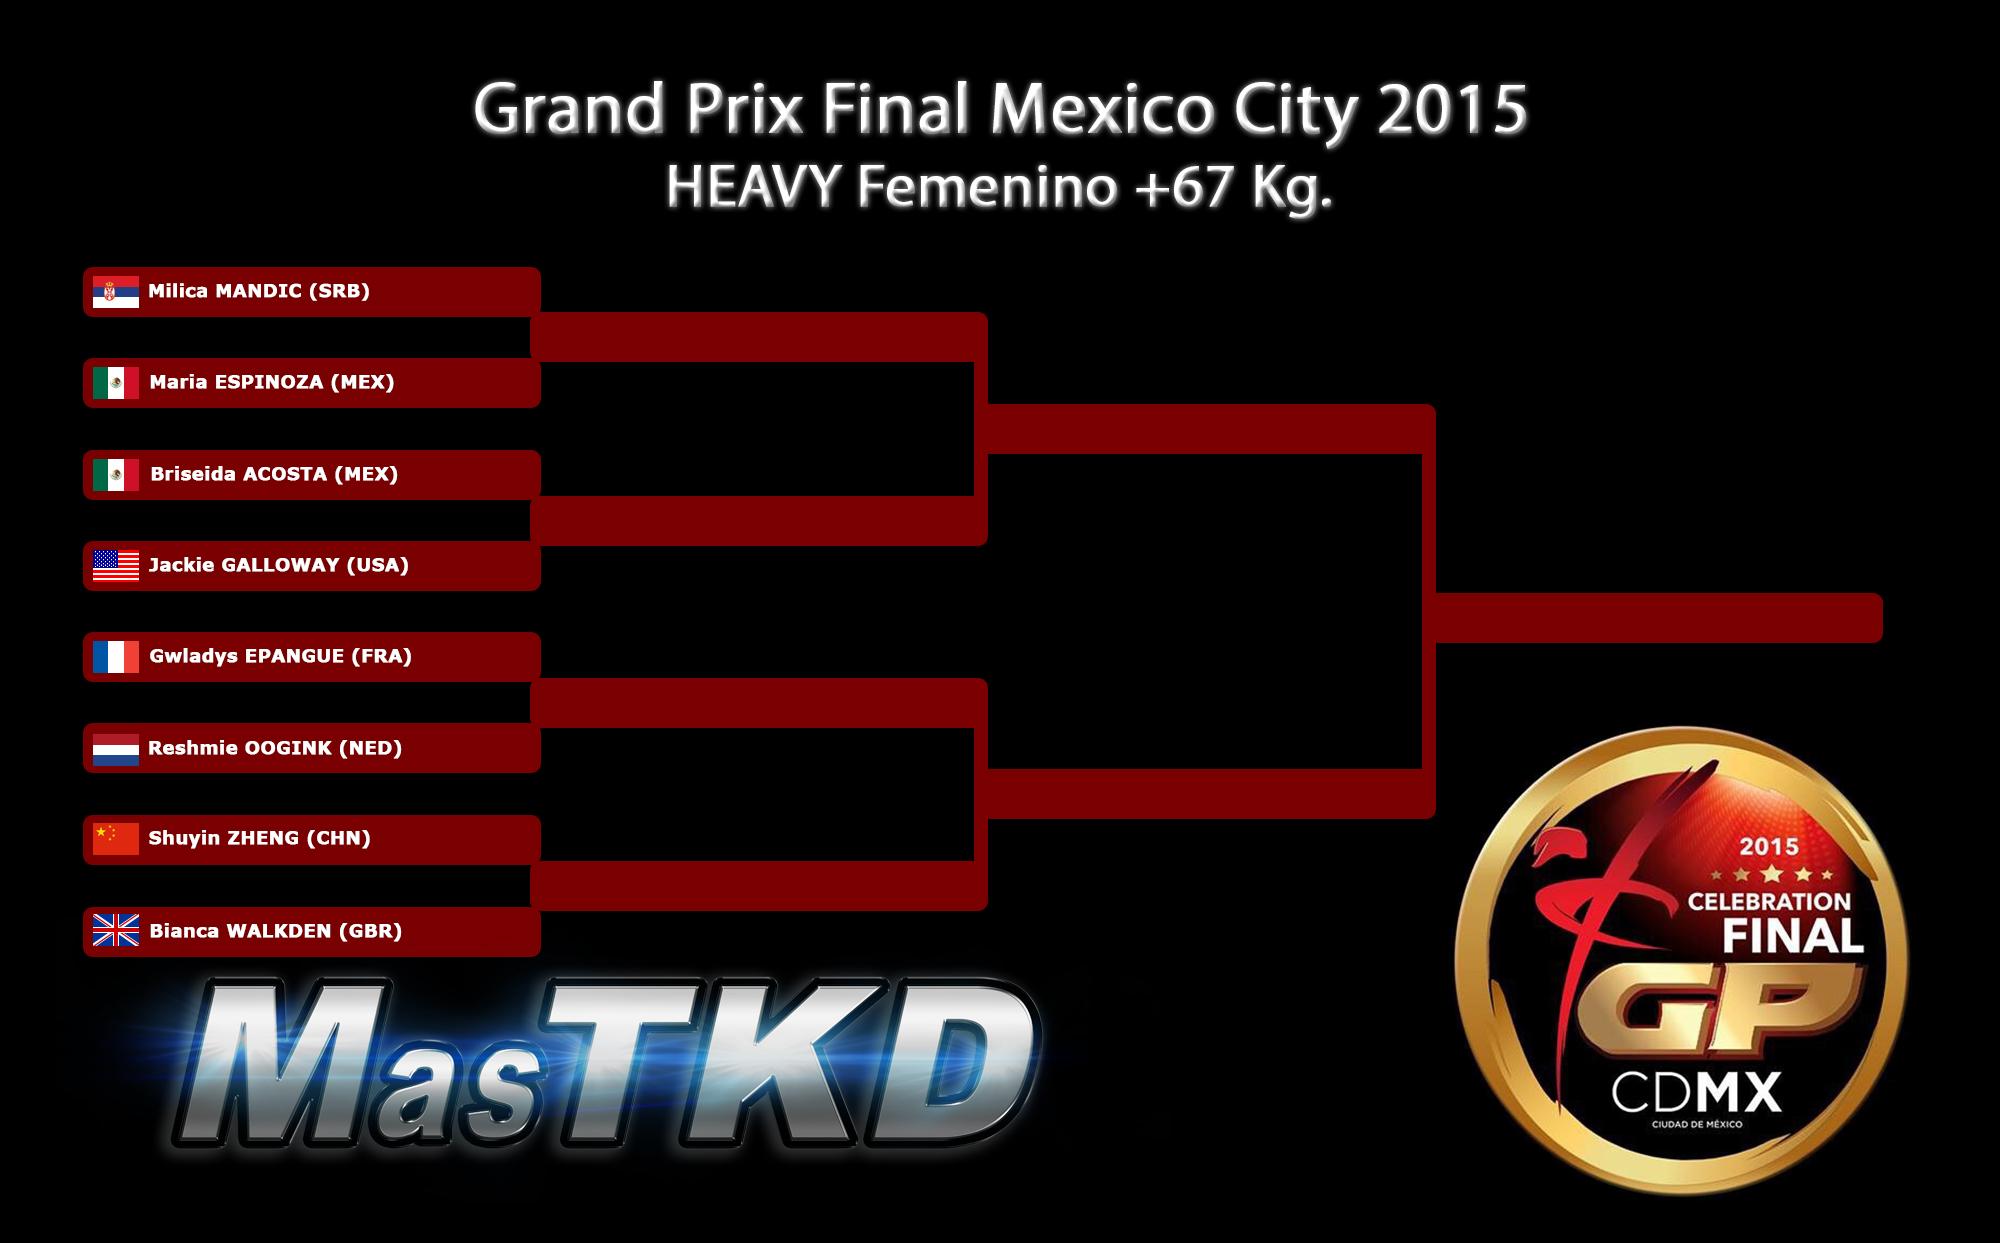 Fo67_Grafica_GPFinal_MexicoCity2015